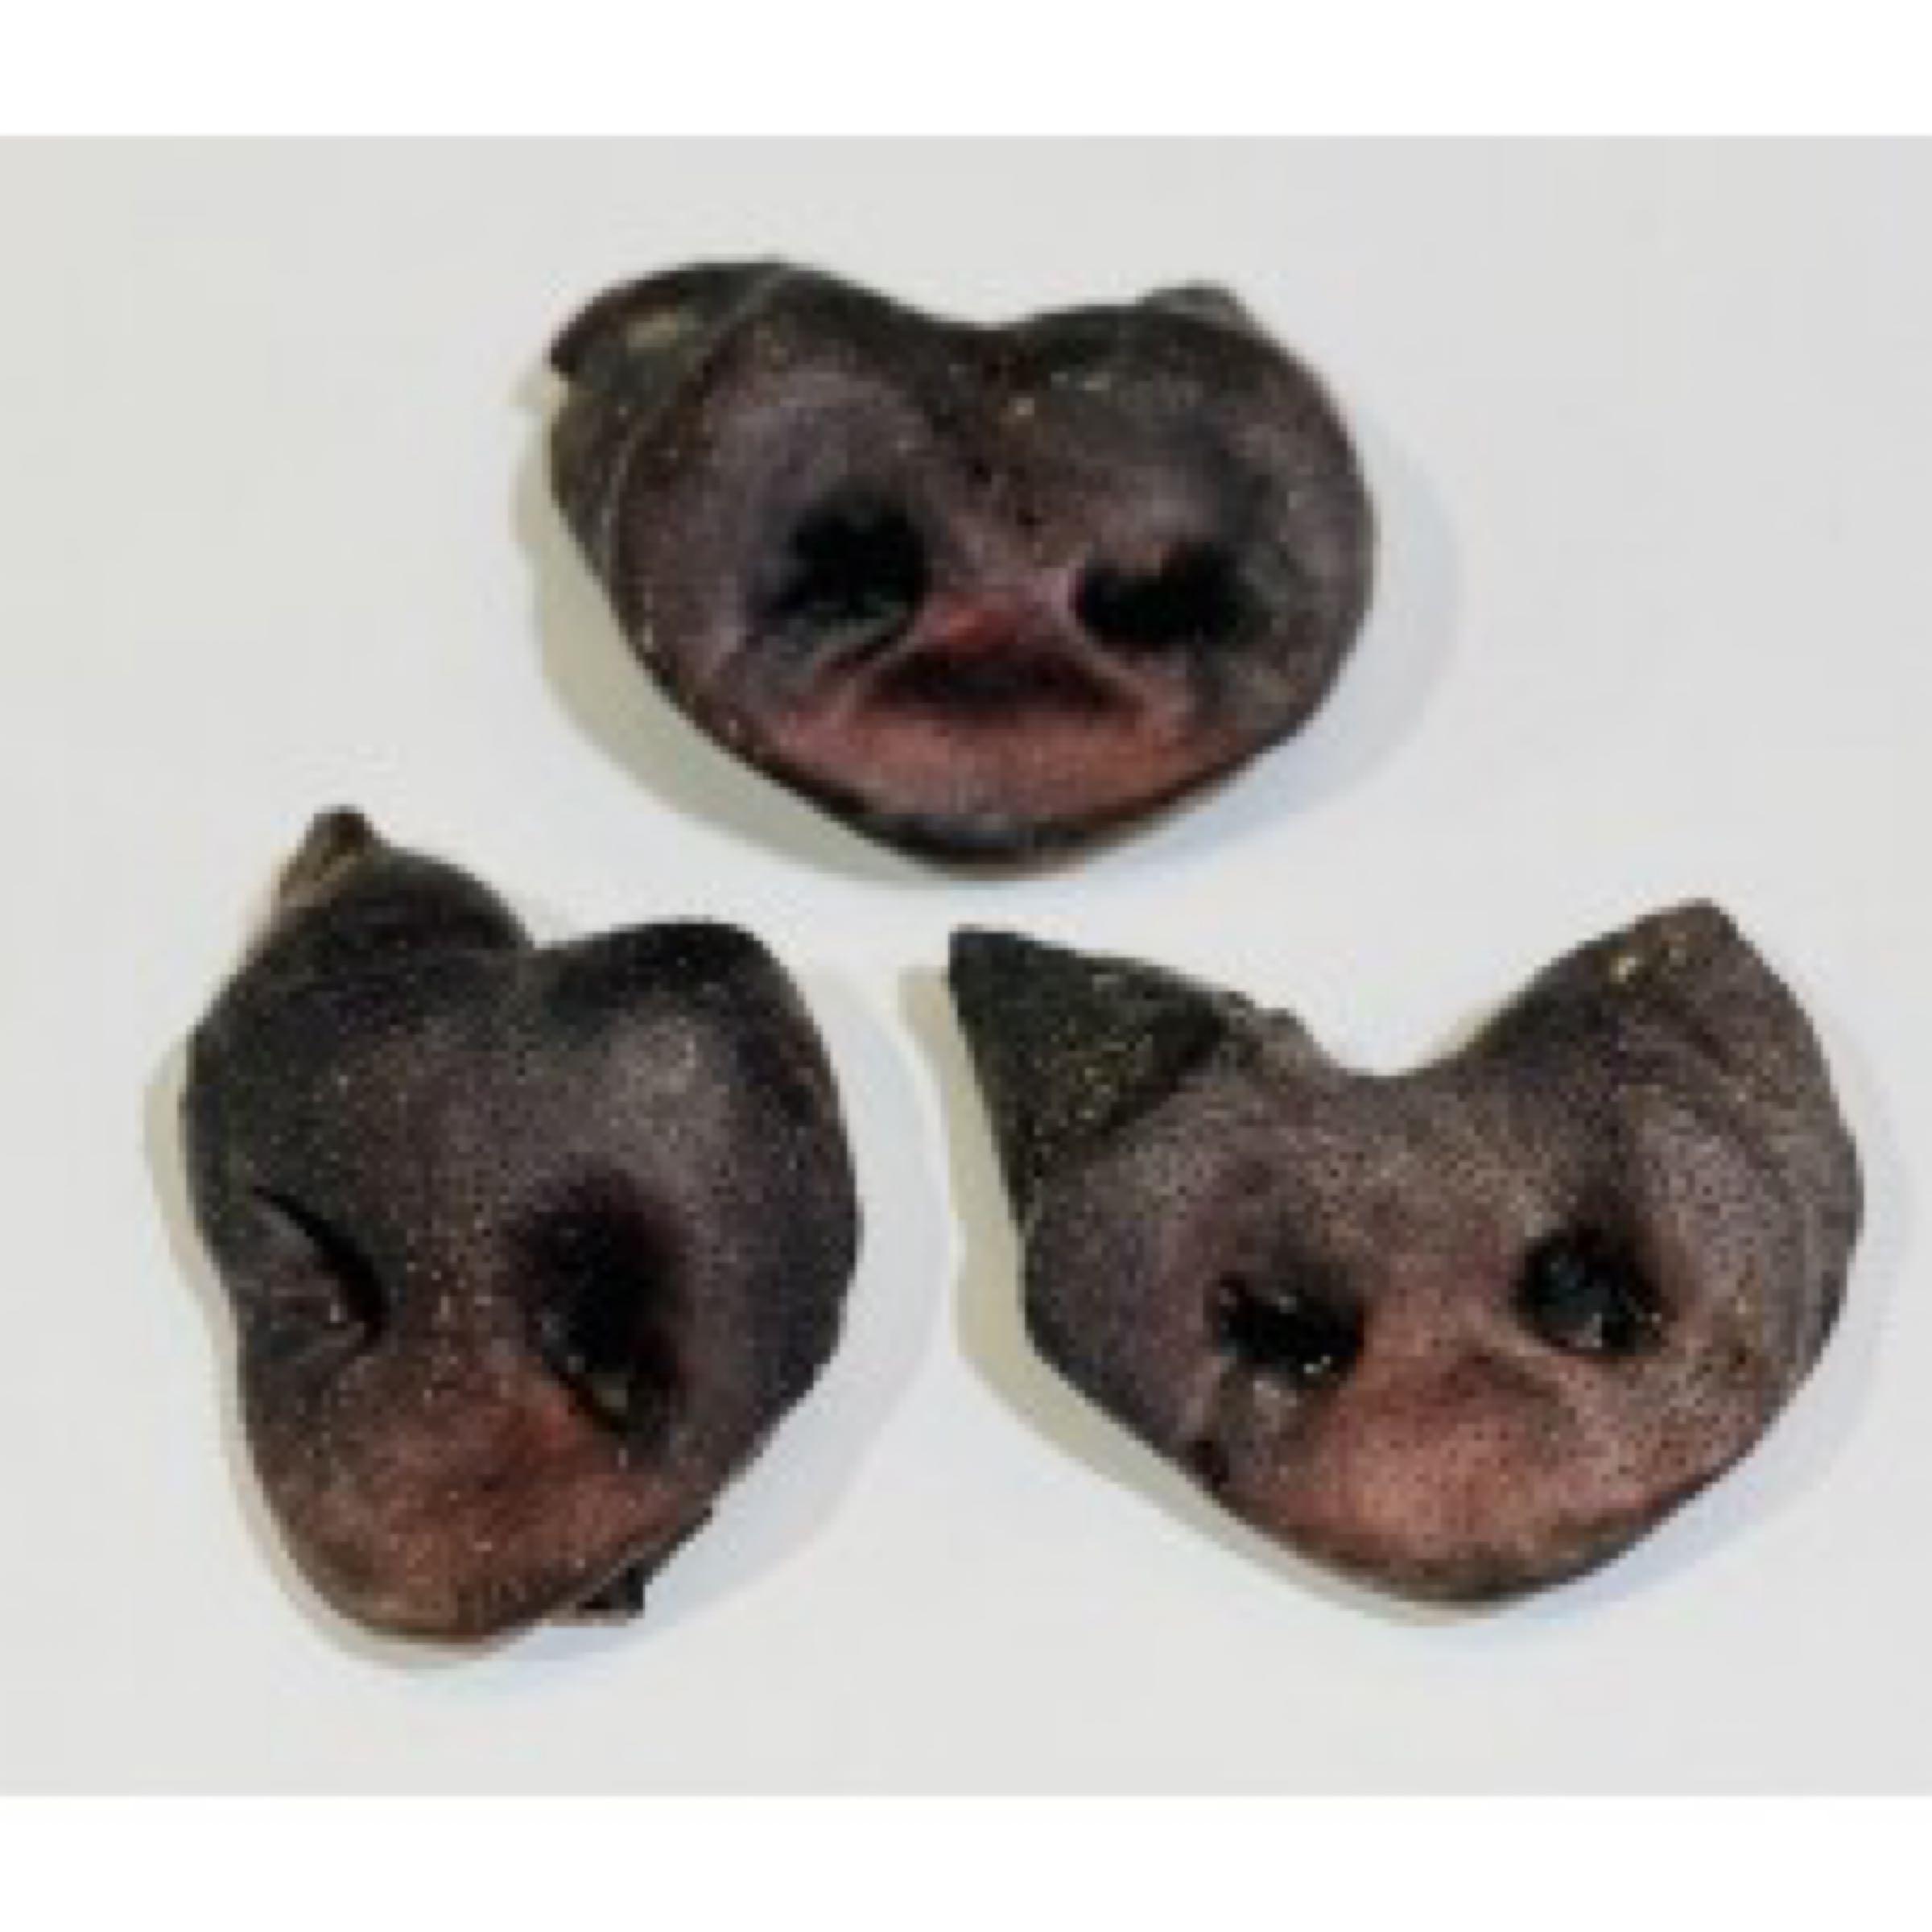 Wild Boar Snouts